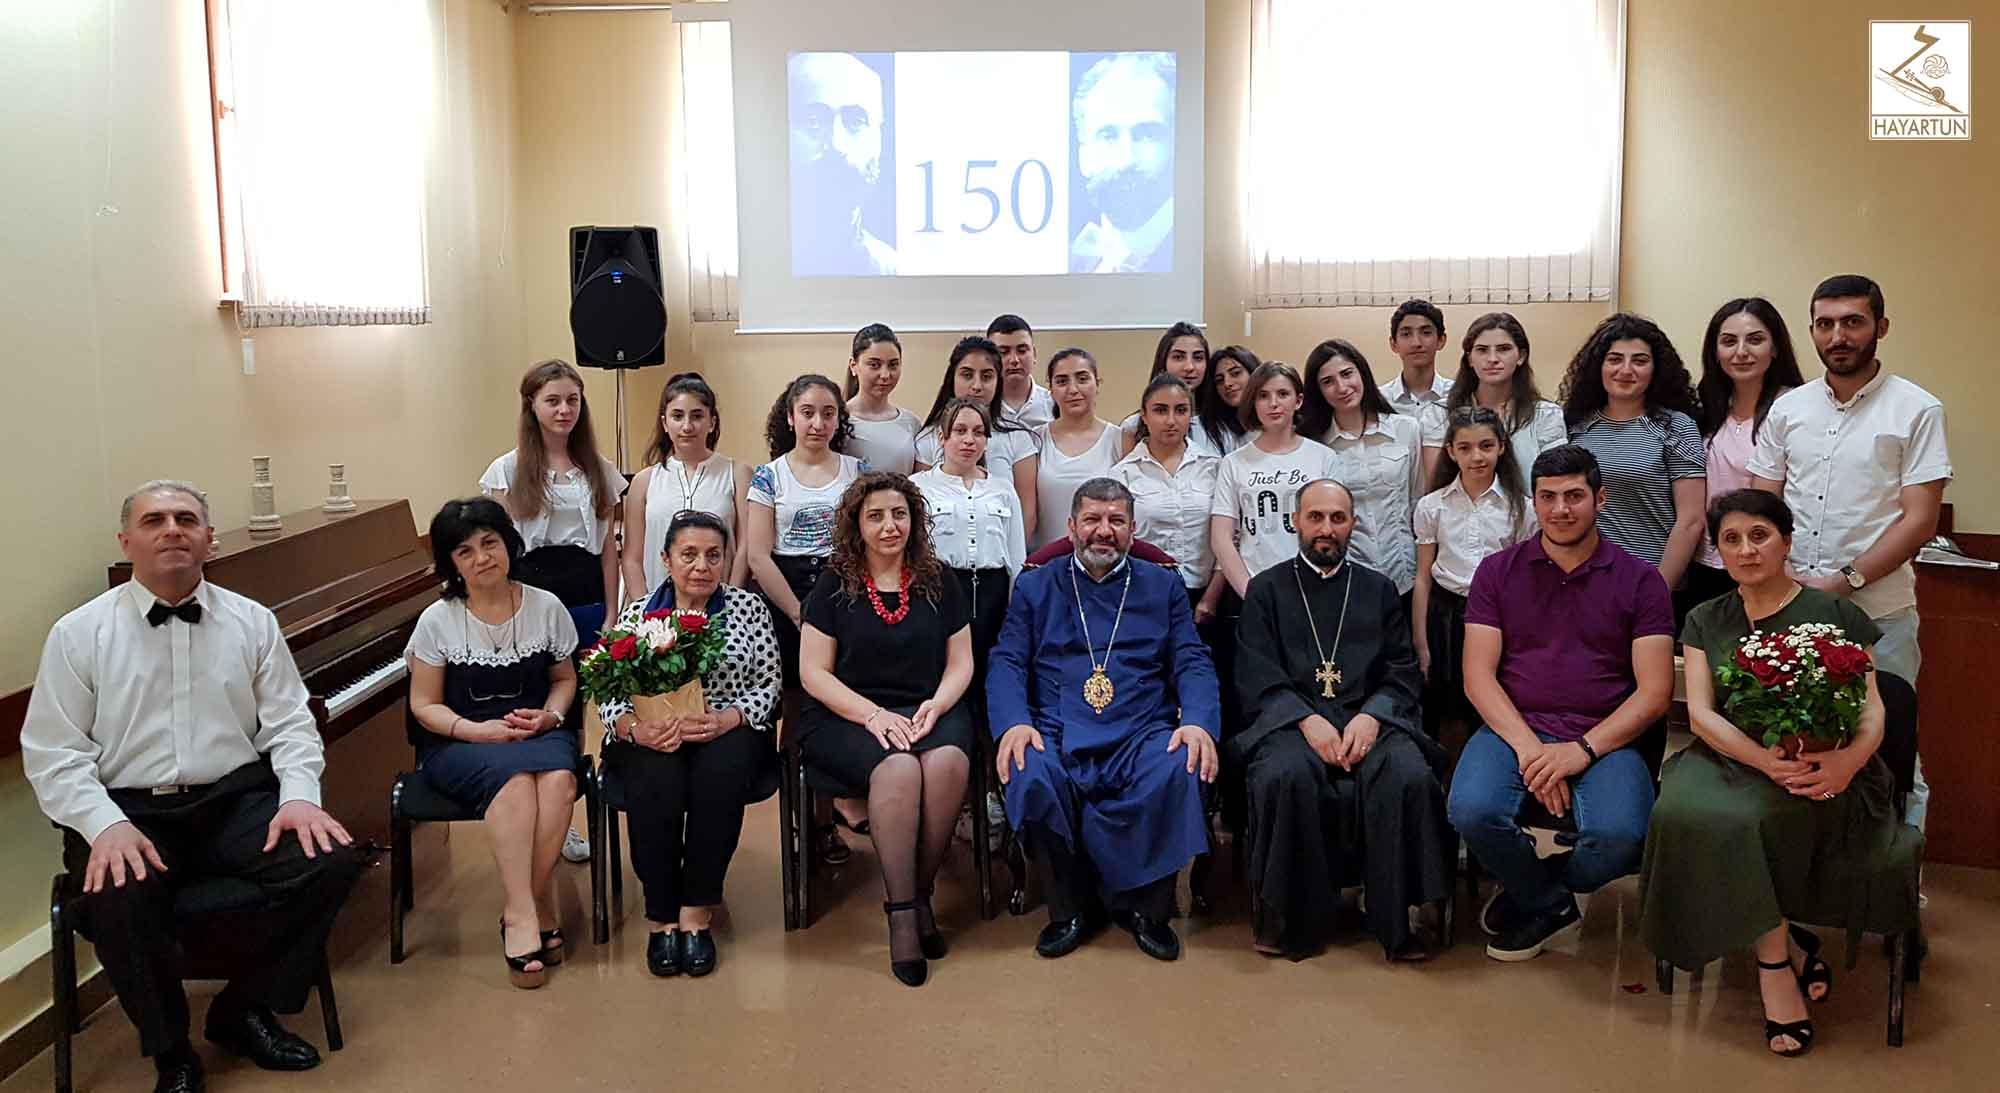 Мероприятие субботней школы «Сурб Григор Нарекаци» Епархии ААЦ в Грузии, посвященное 150-летнему юбилею архимандрита Комитаса